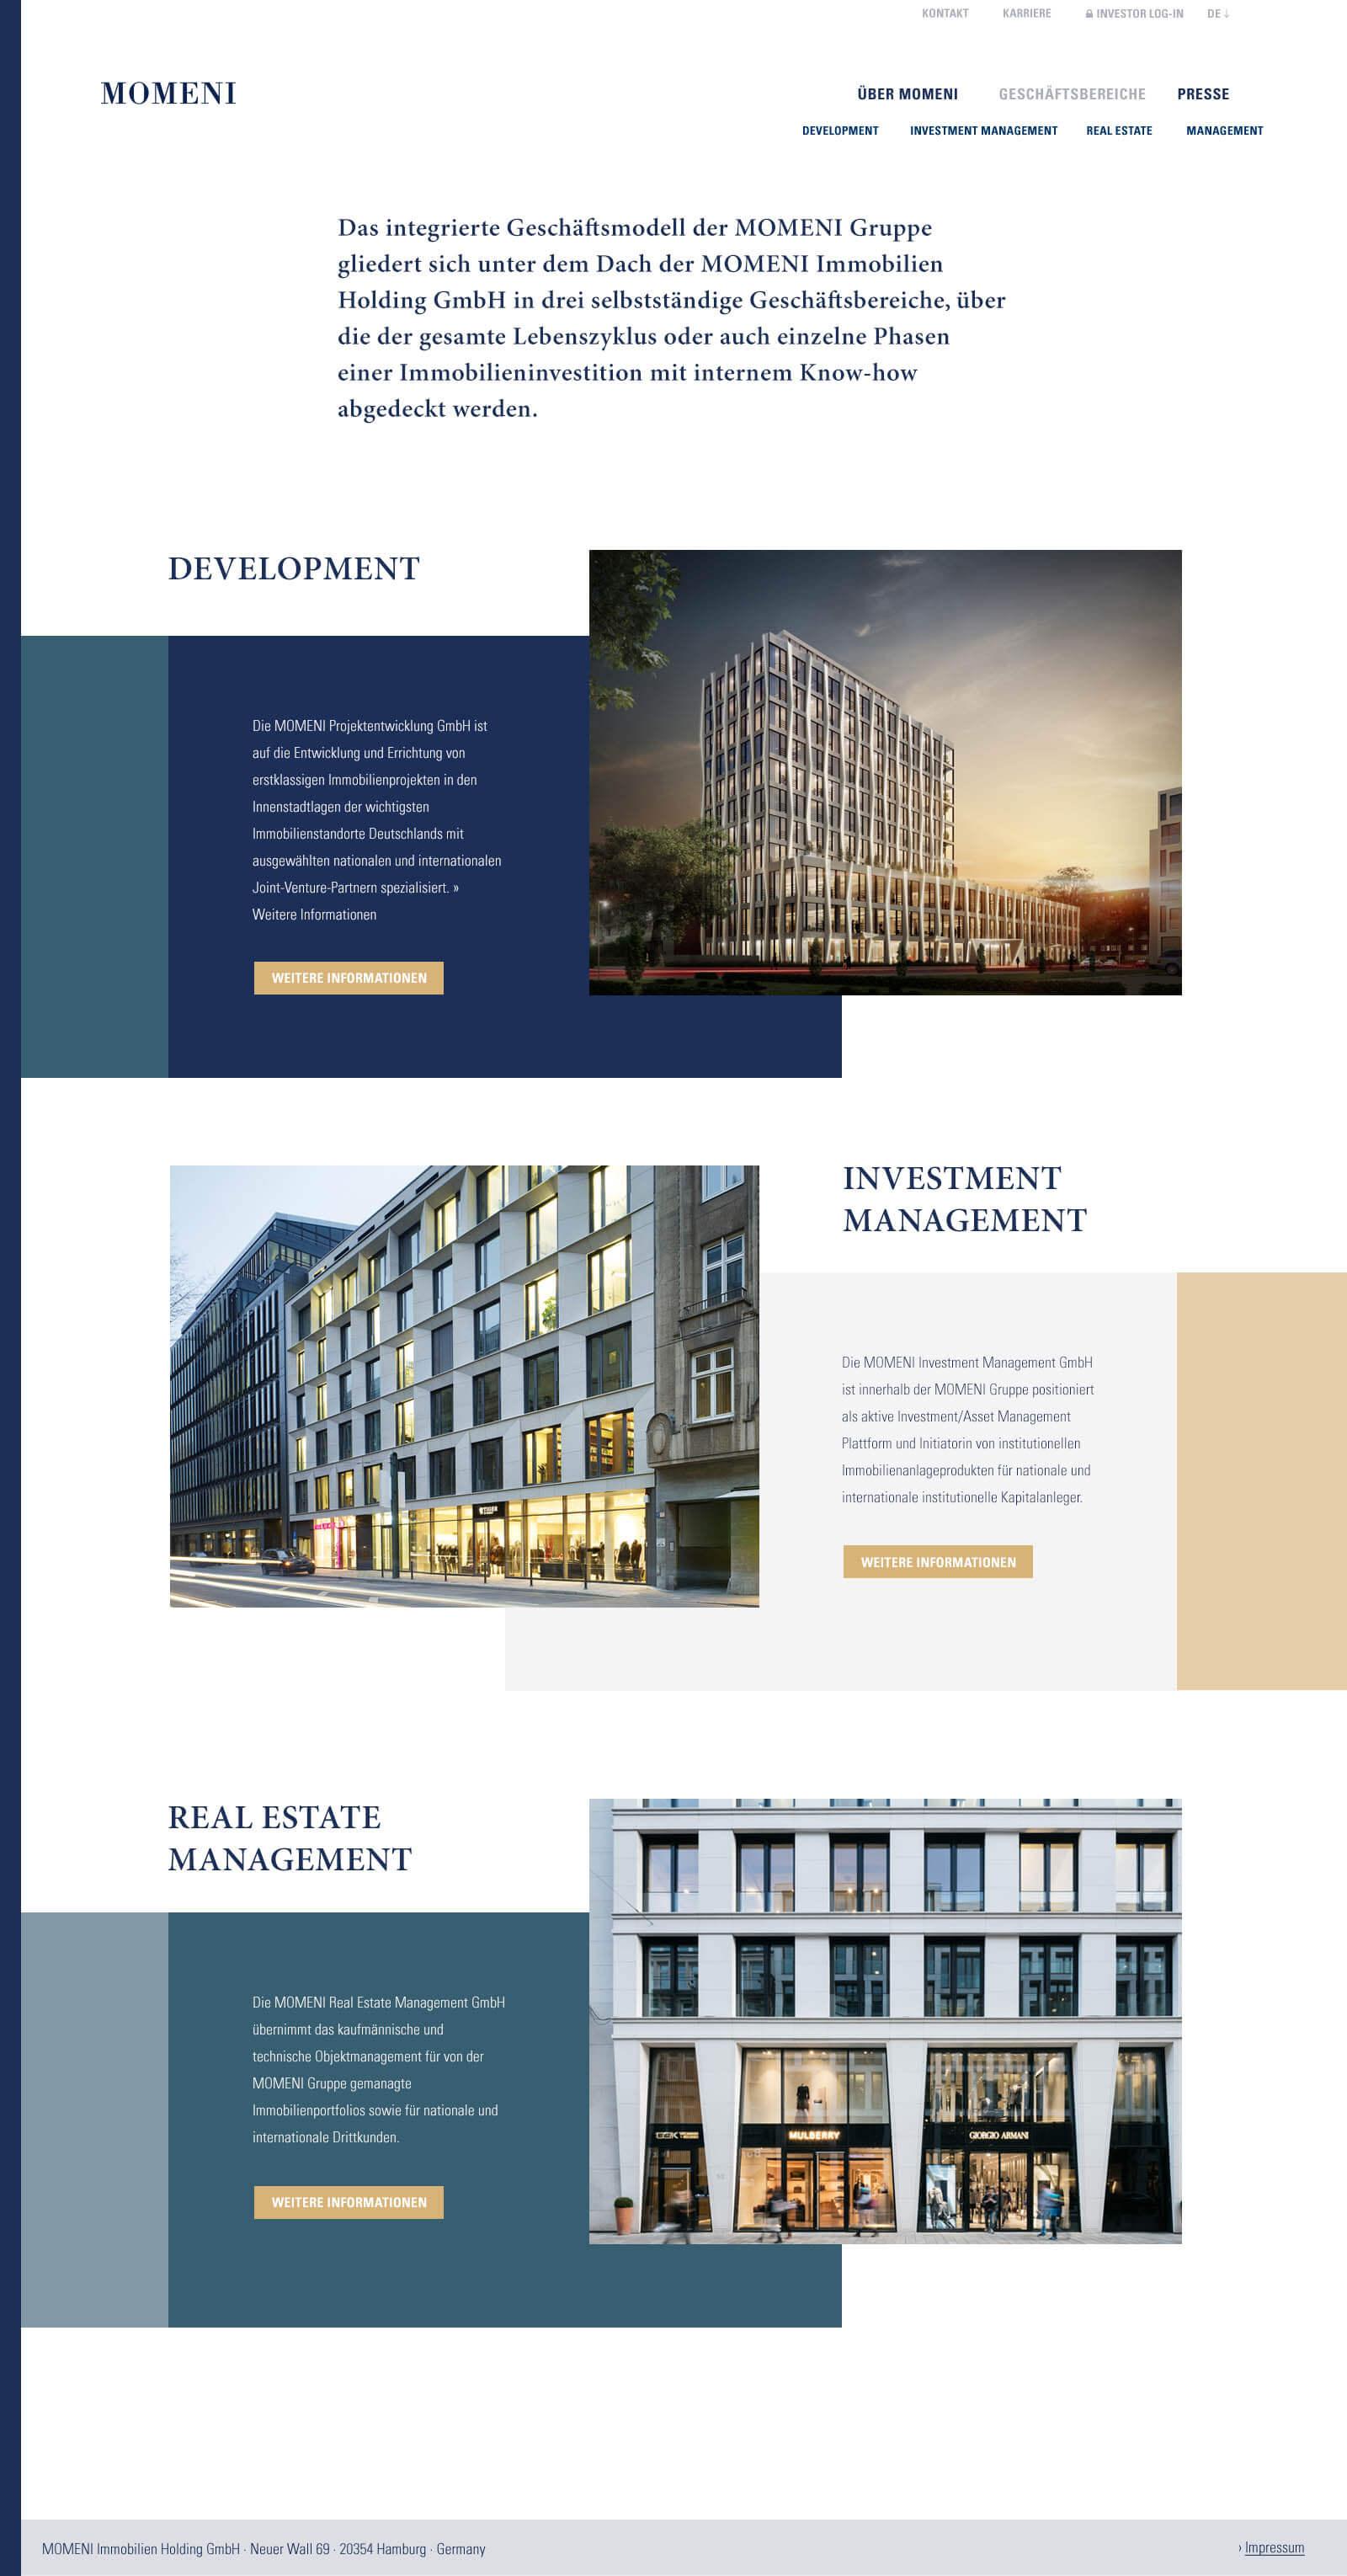 Immobilien Website in Düsseldorf: Projektentwickler Momeni Group - Leistungsübersicht